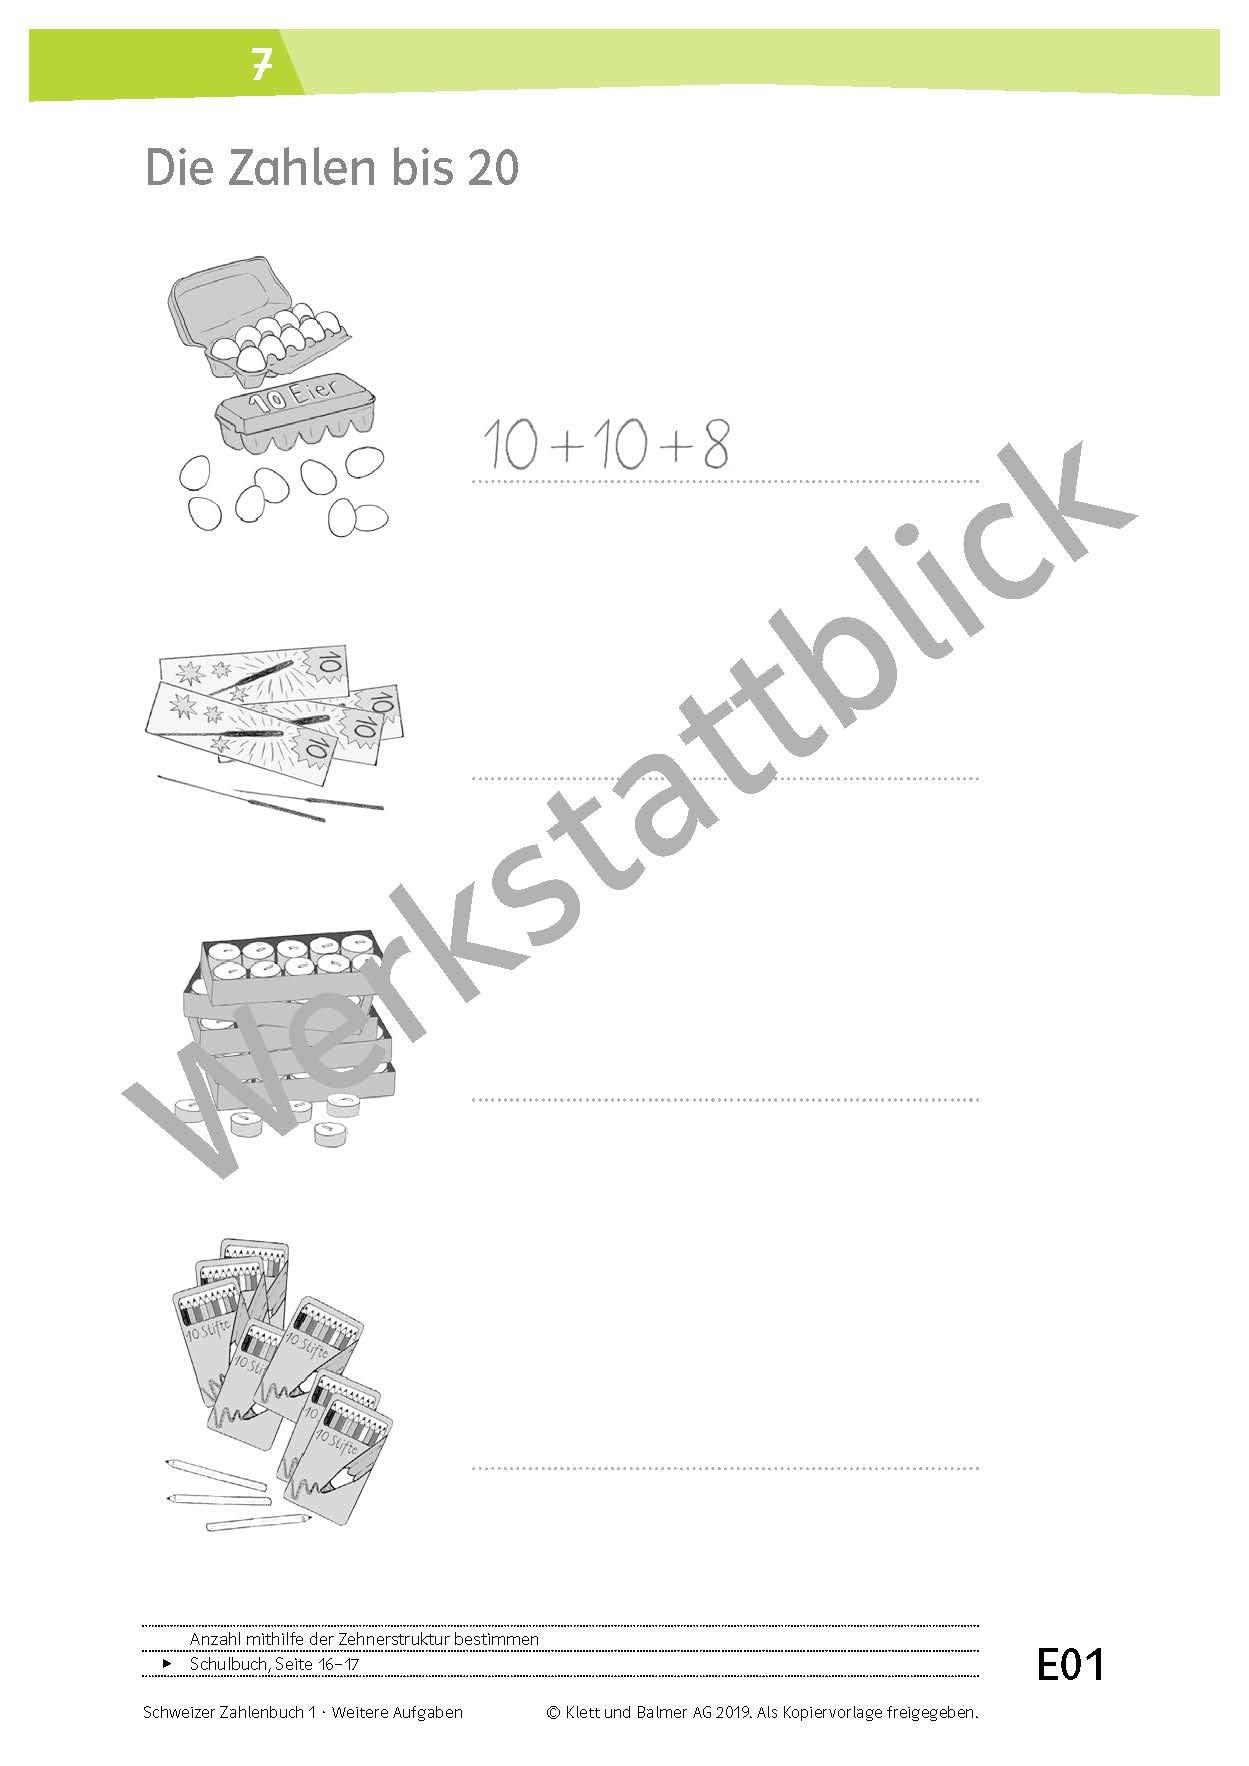 978 3 264 84708 6 Sch Z1 online mat werkstatt Seite 6